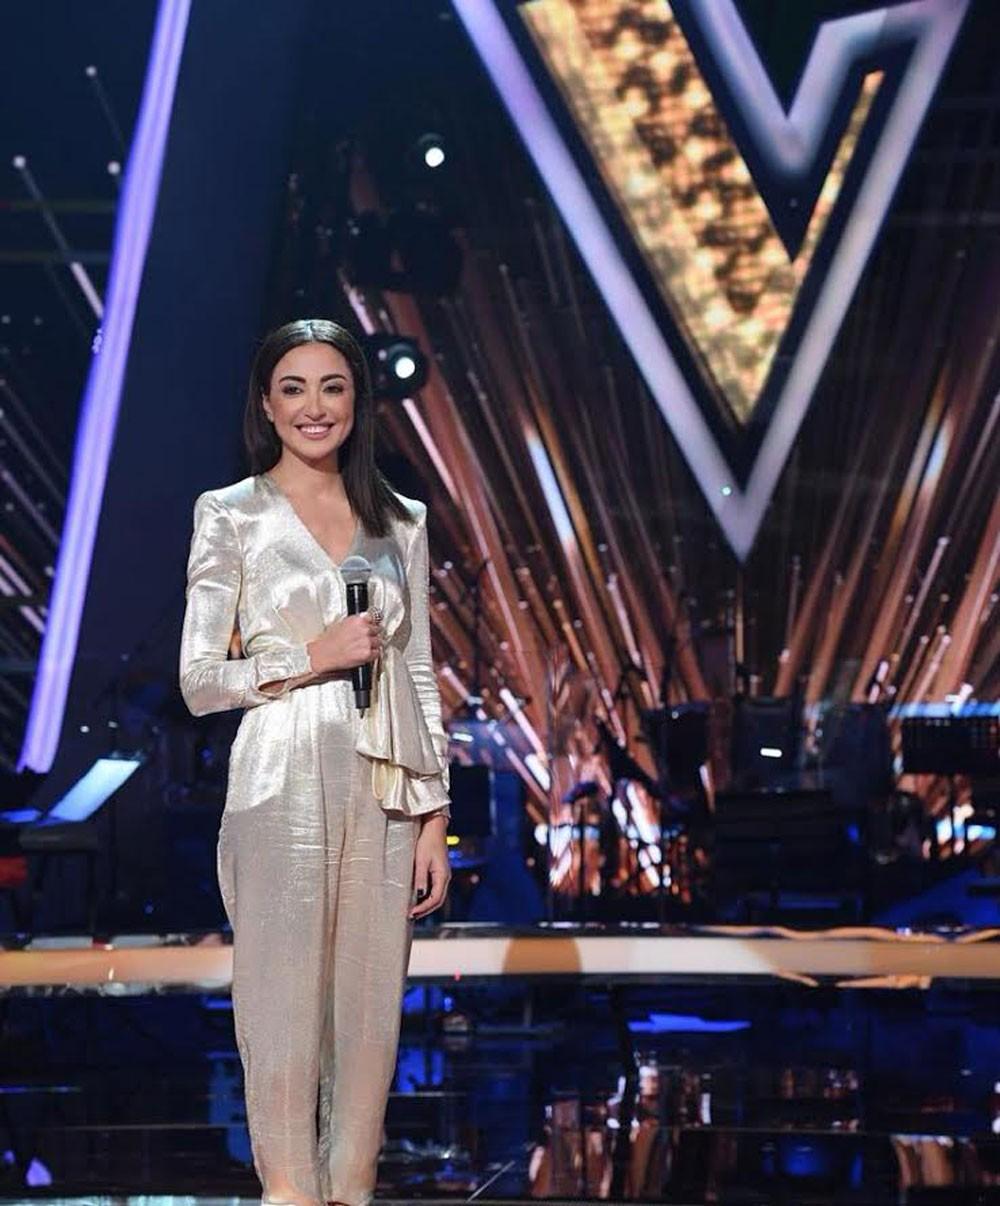 ناردين فرج تبدأ تقديم حلقات برنامج The Voice يوم 10 فبراير